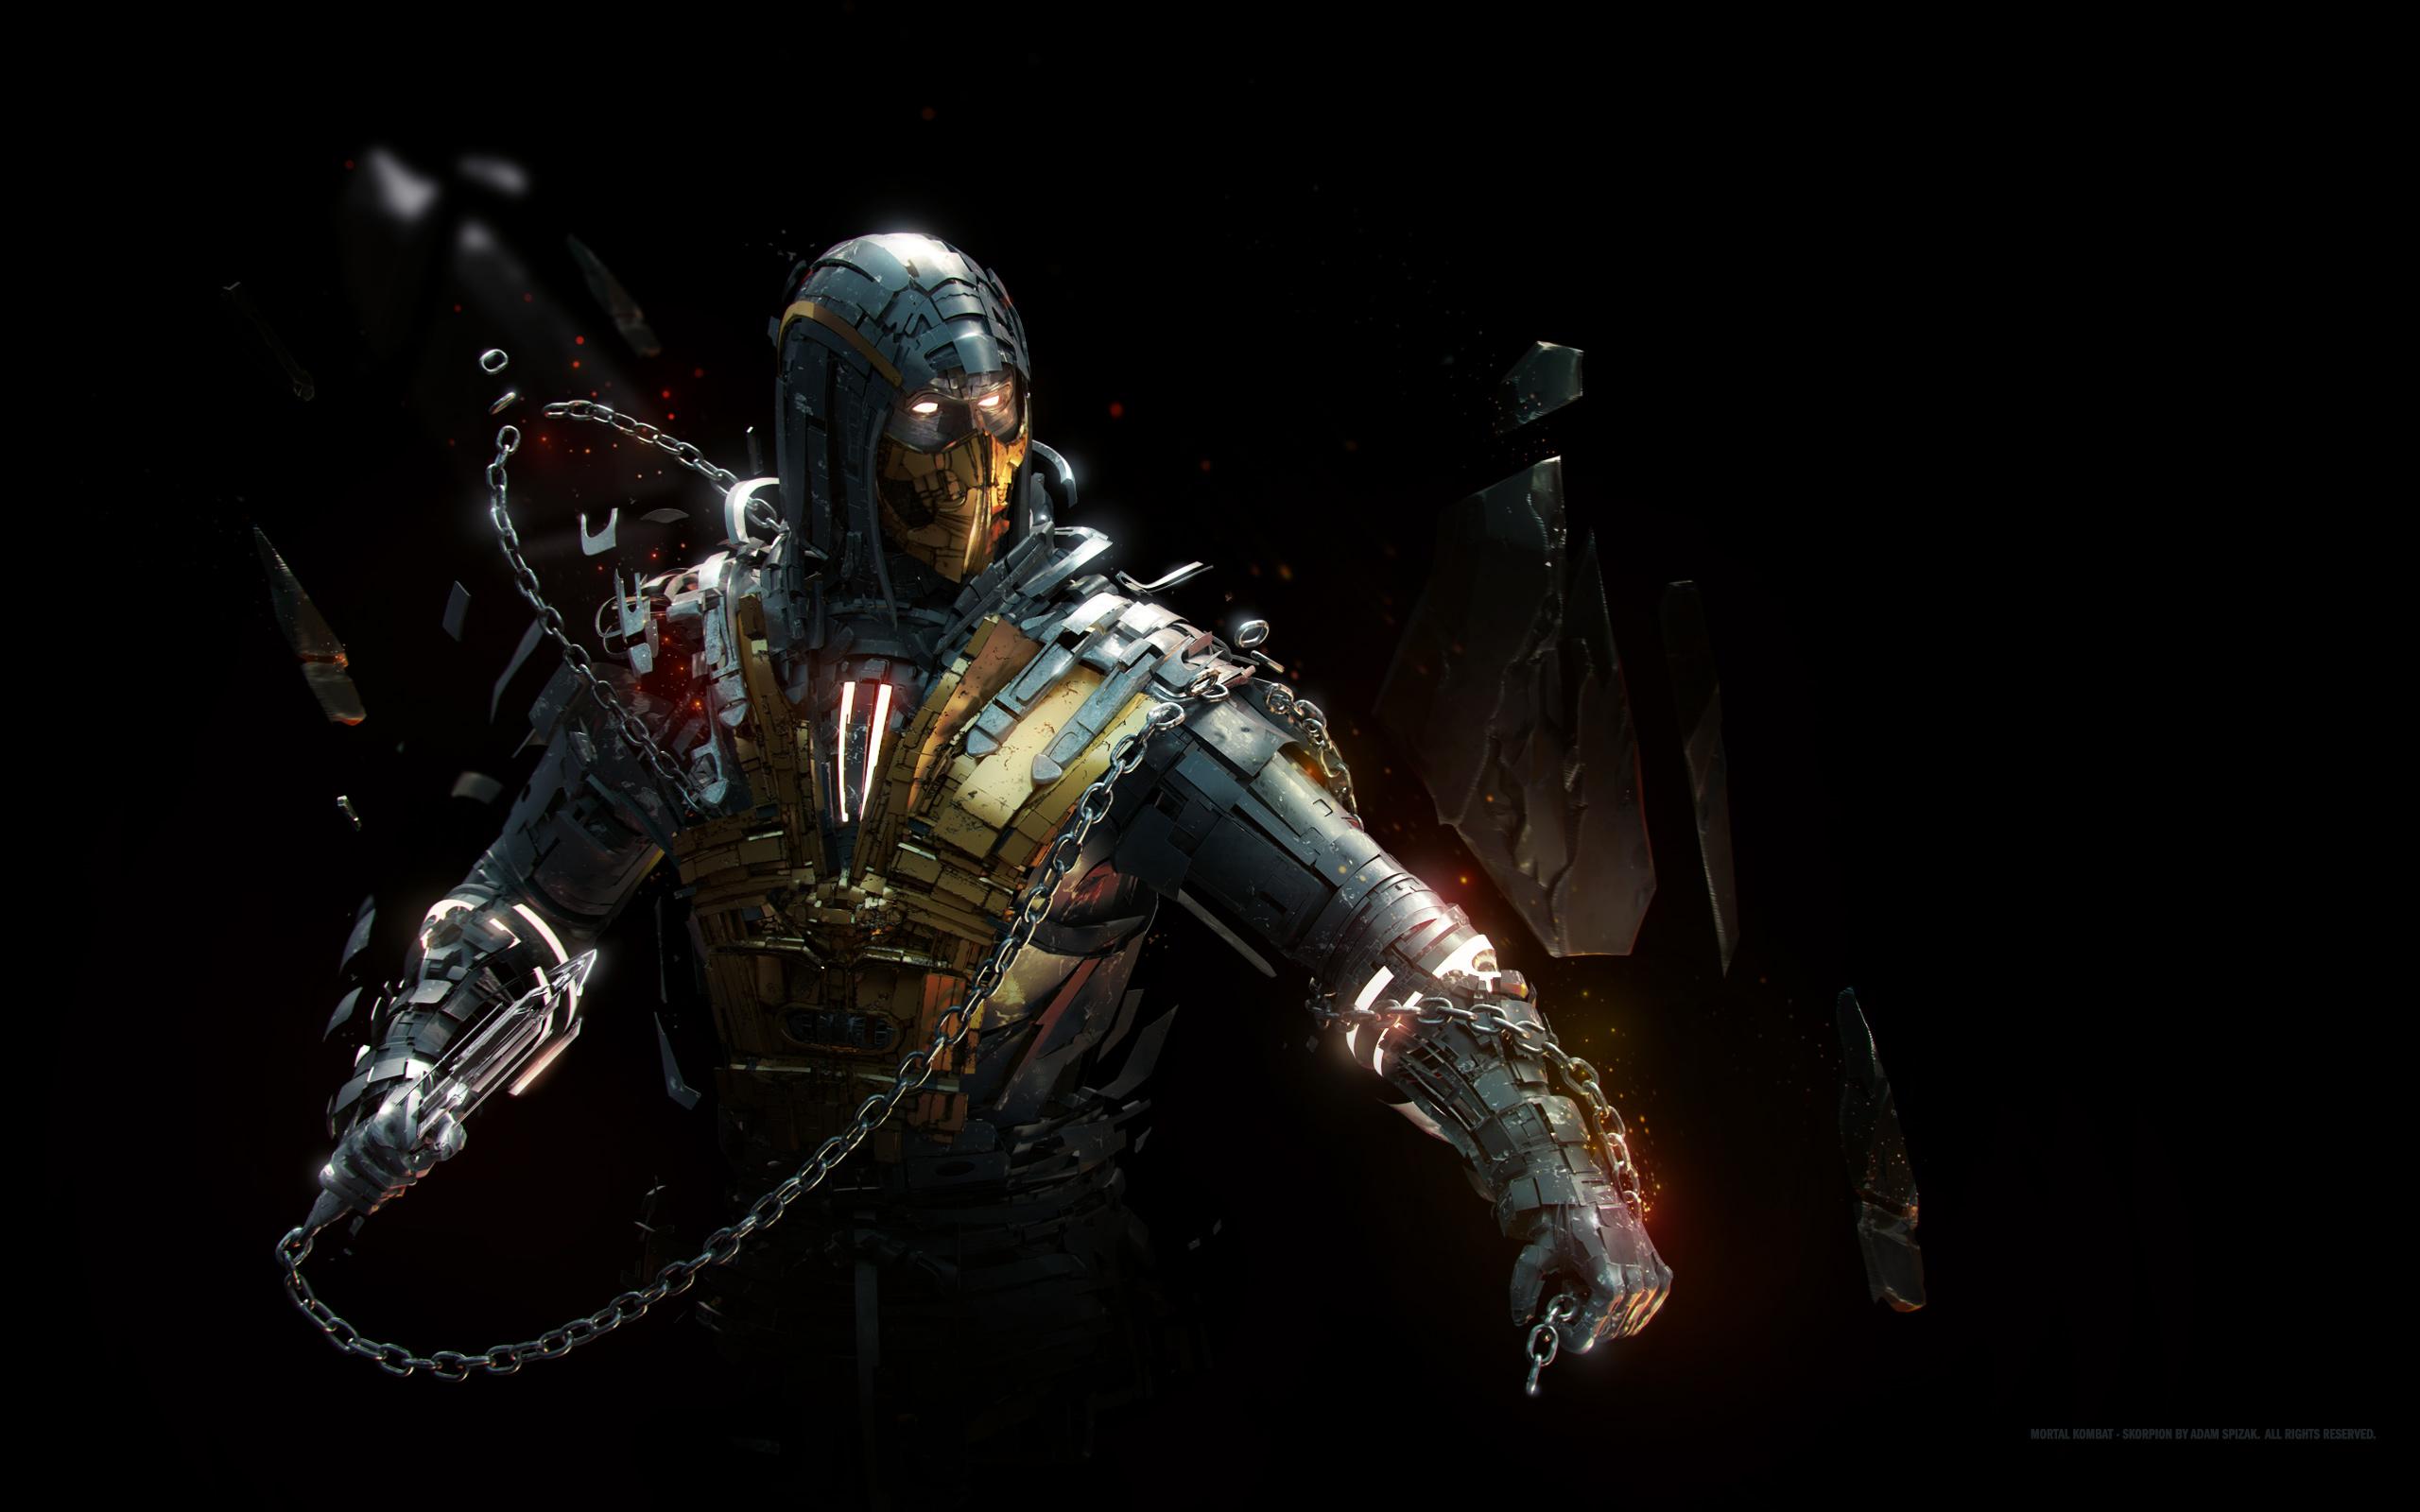 Scorpion artwork. обои скачать